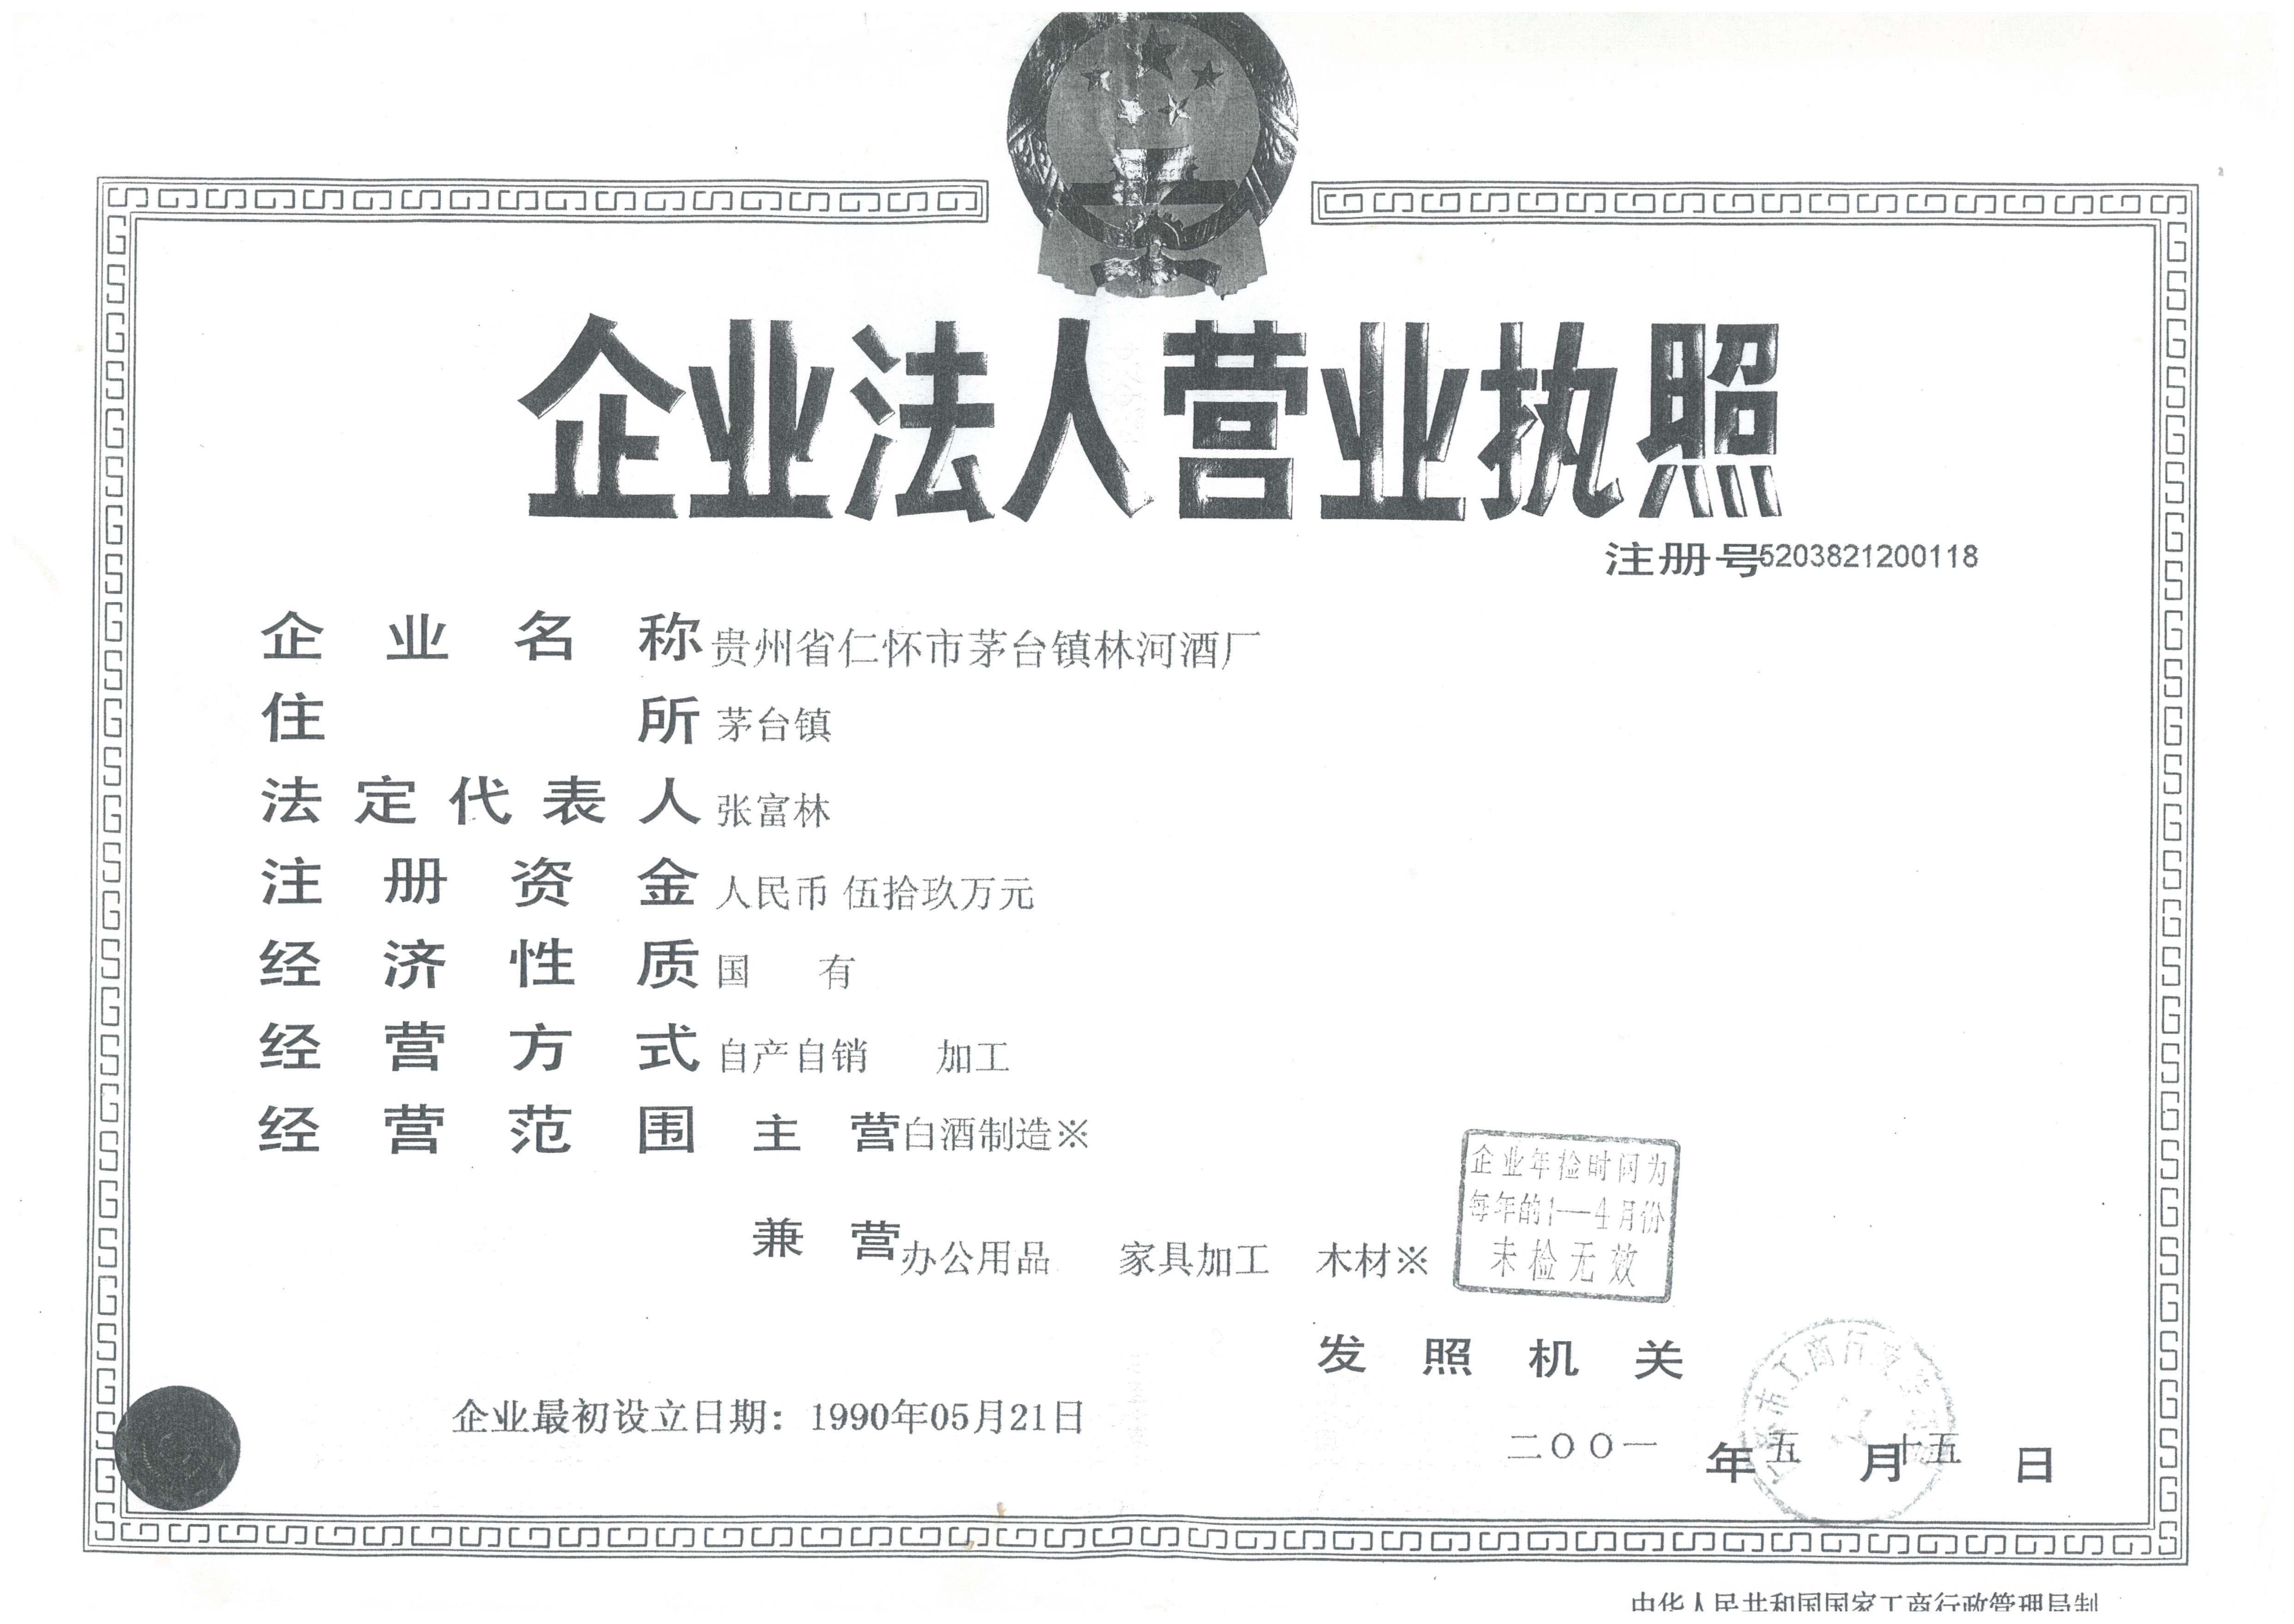 2001年營業執照復